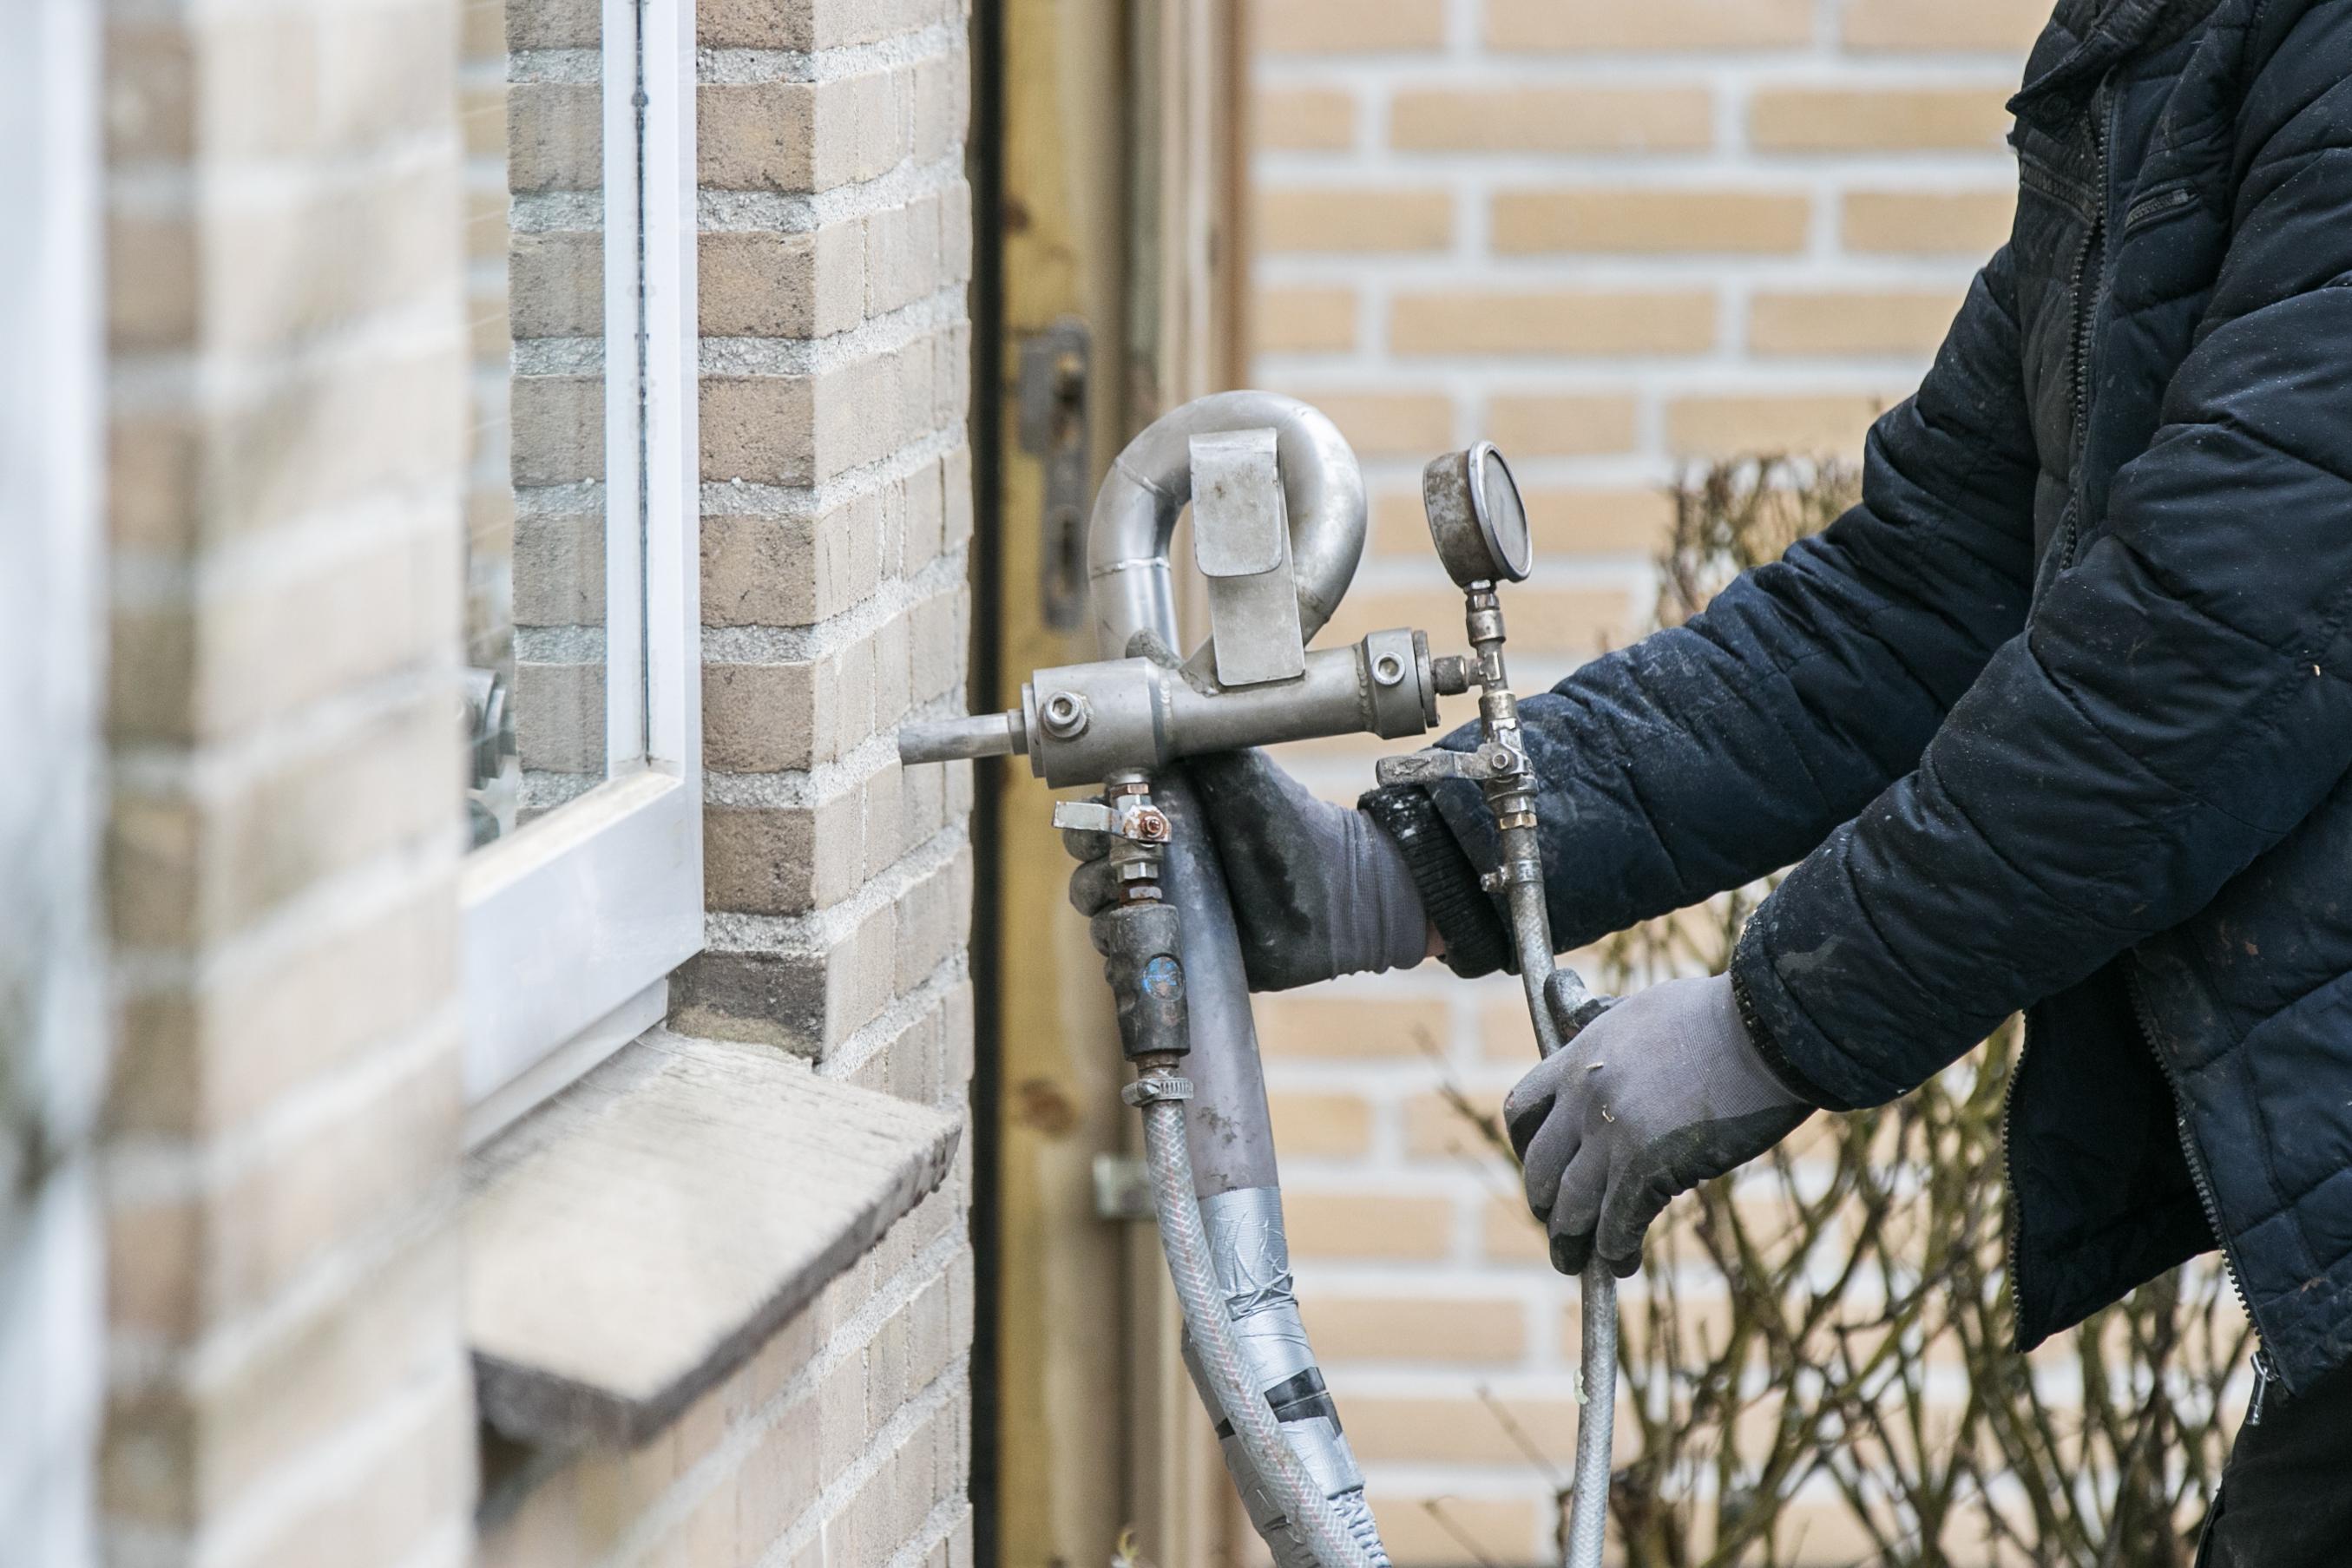 Werknemer isolatiebedrijf spuit isolatiemateriaal in de spouwmuur van de woning